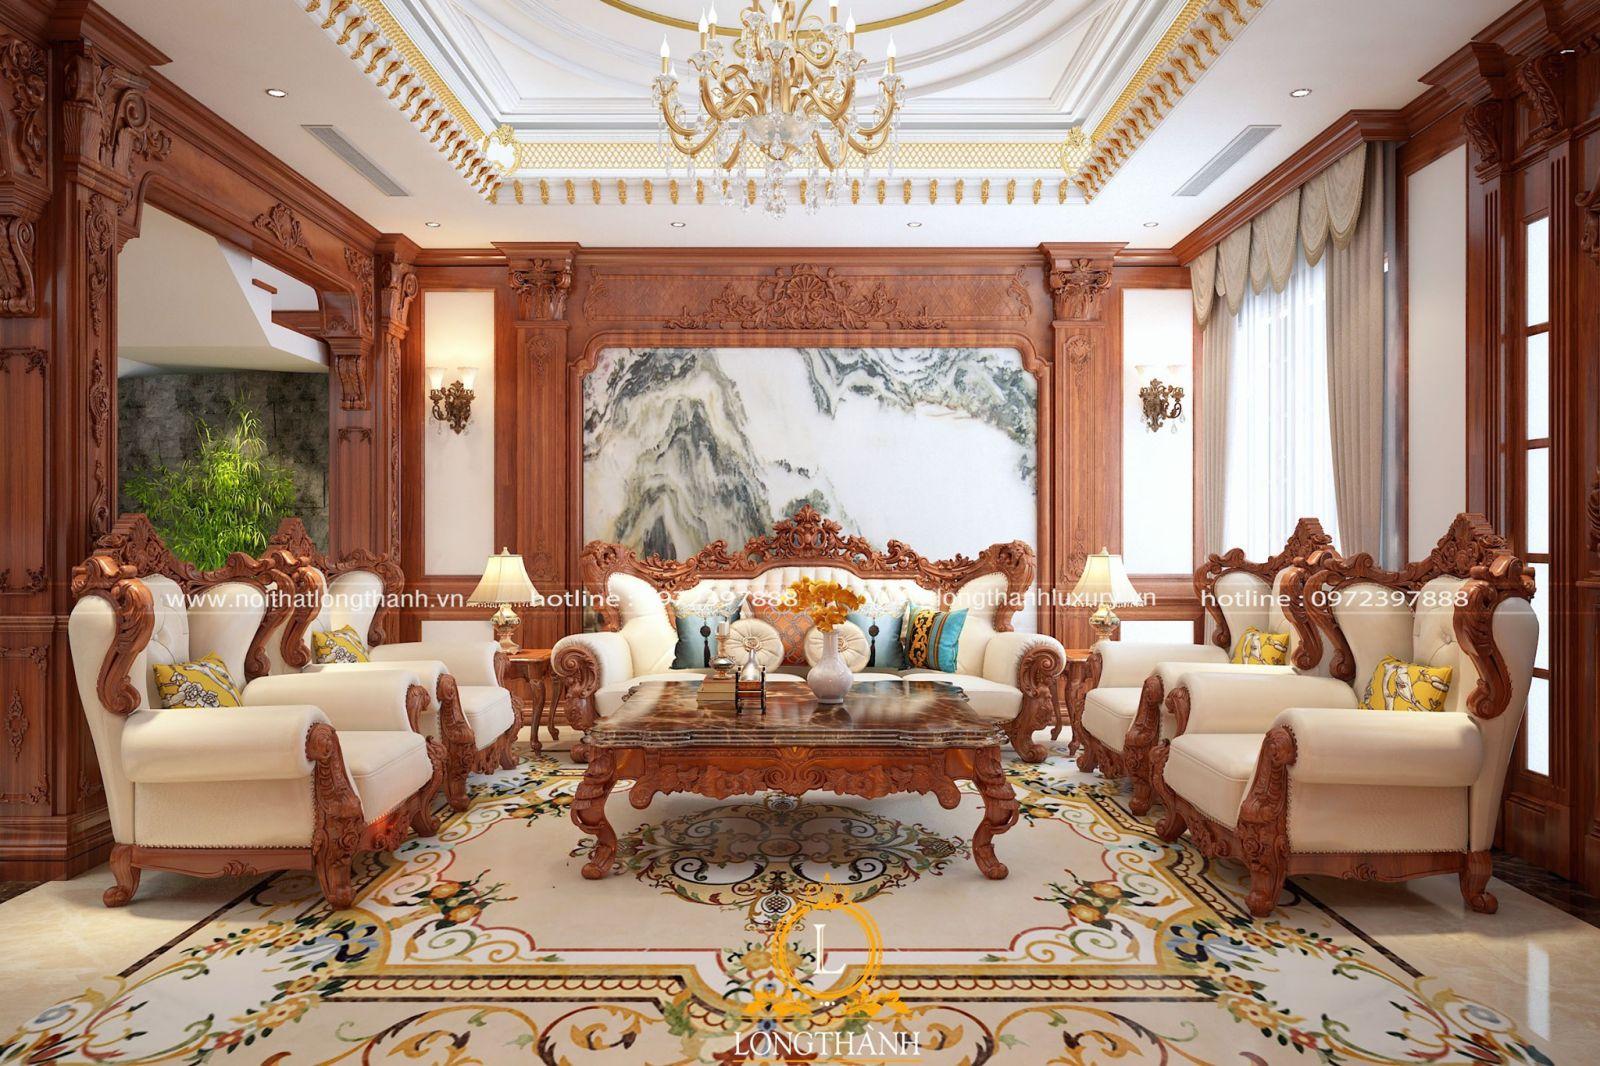 Một số thiết kế nội thất cho nhà biệt thự phố đẹp nhất hiện nay